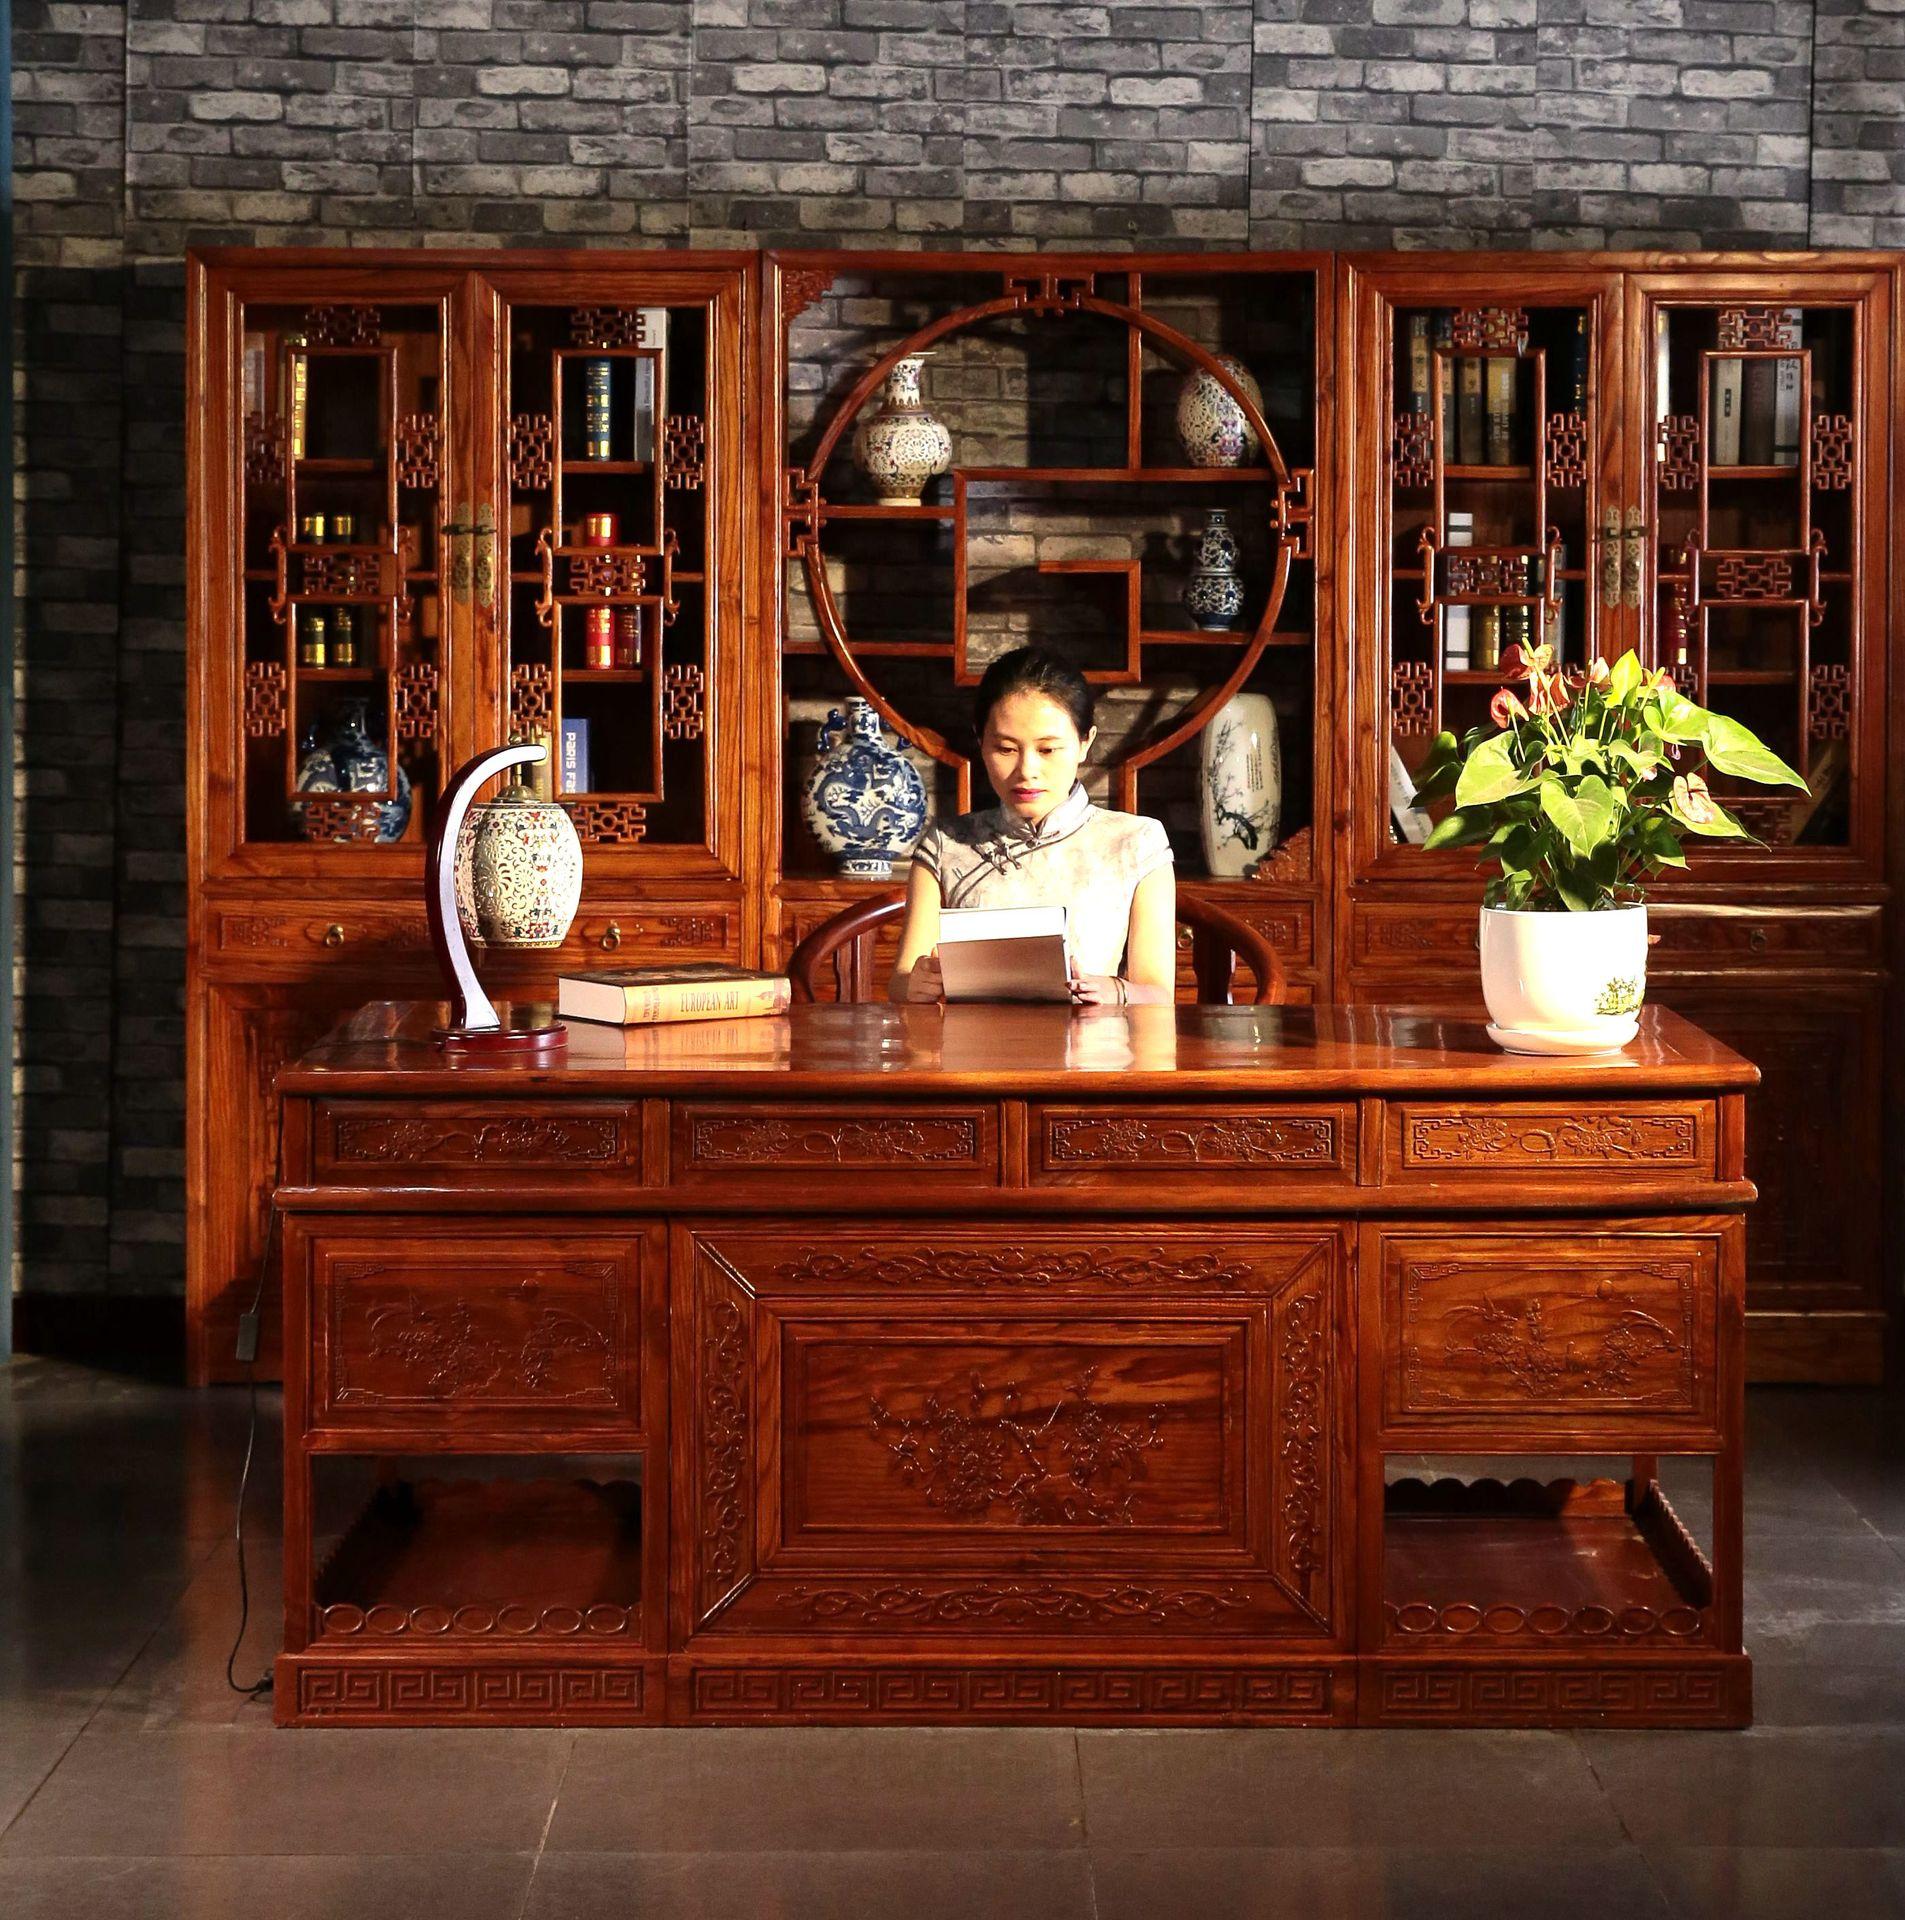 明清家具書桌辦公桌 仿古中式實木榆木 大班臺寫字臺書柜組合圖片